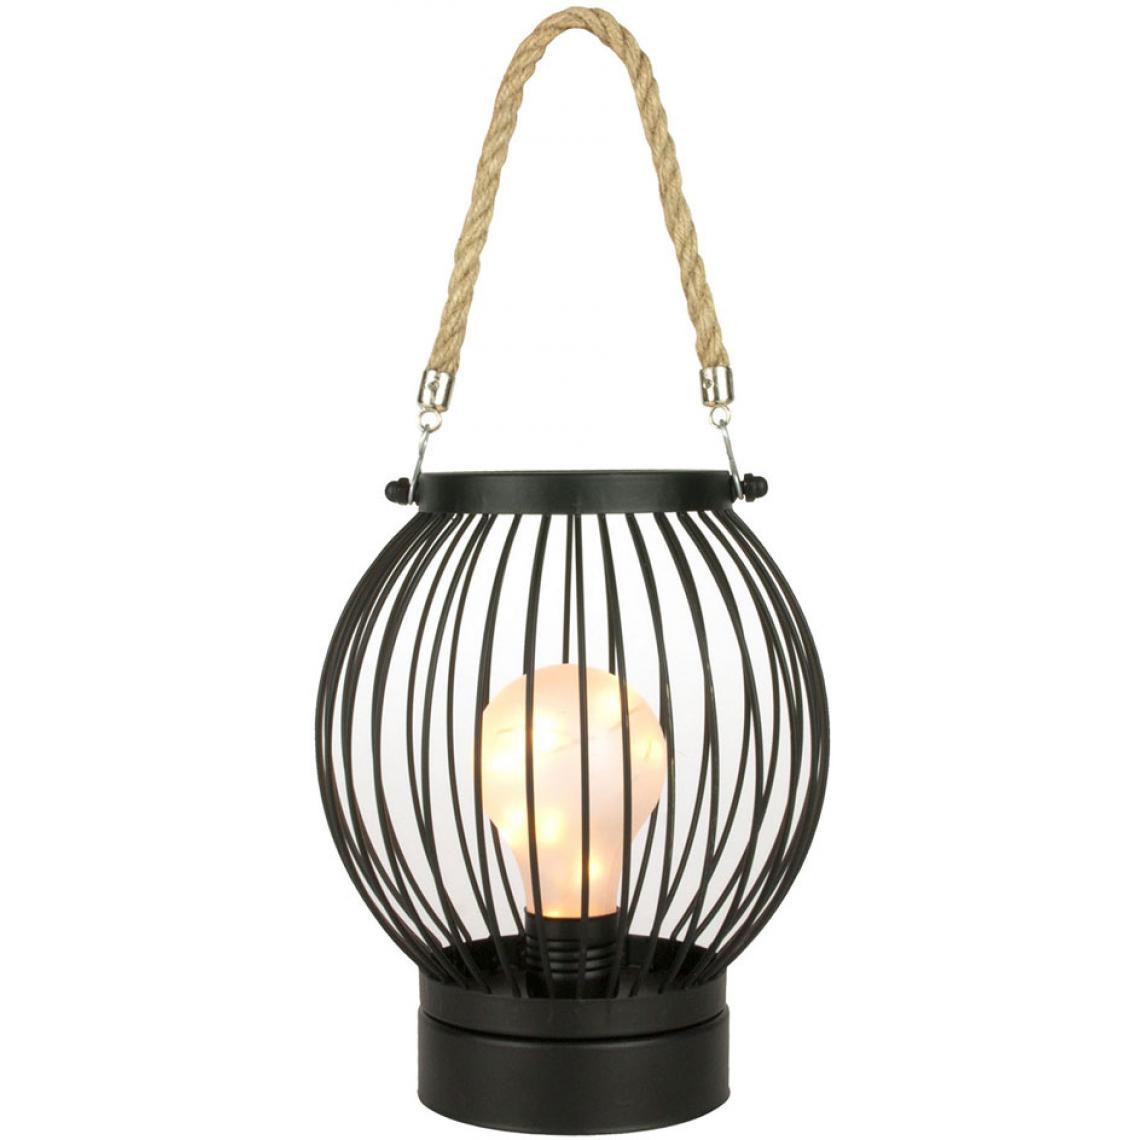 Lanterne Et Suisses Filaire En Fer Ampoule Avec Led Noir Corde Lixta3 uT1JlFKc3